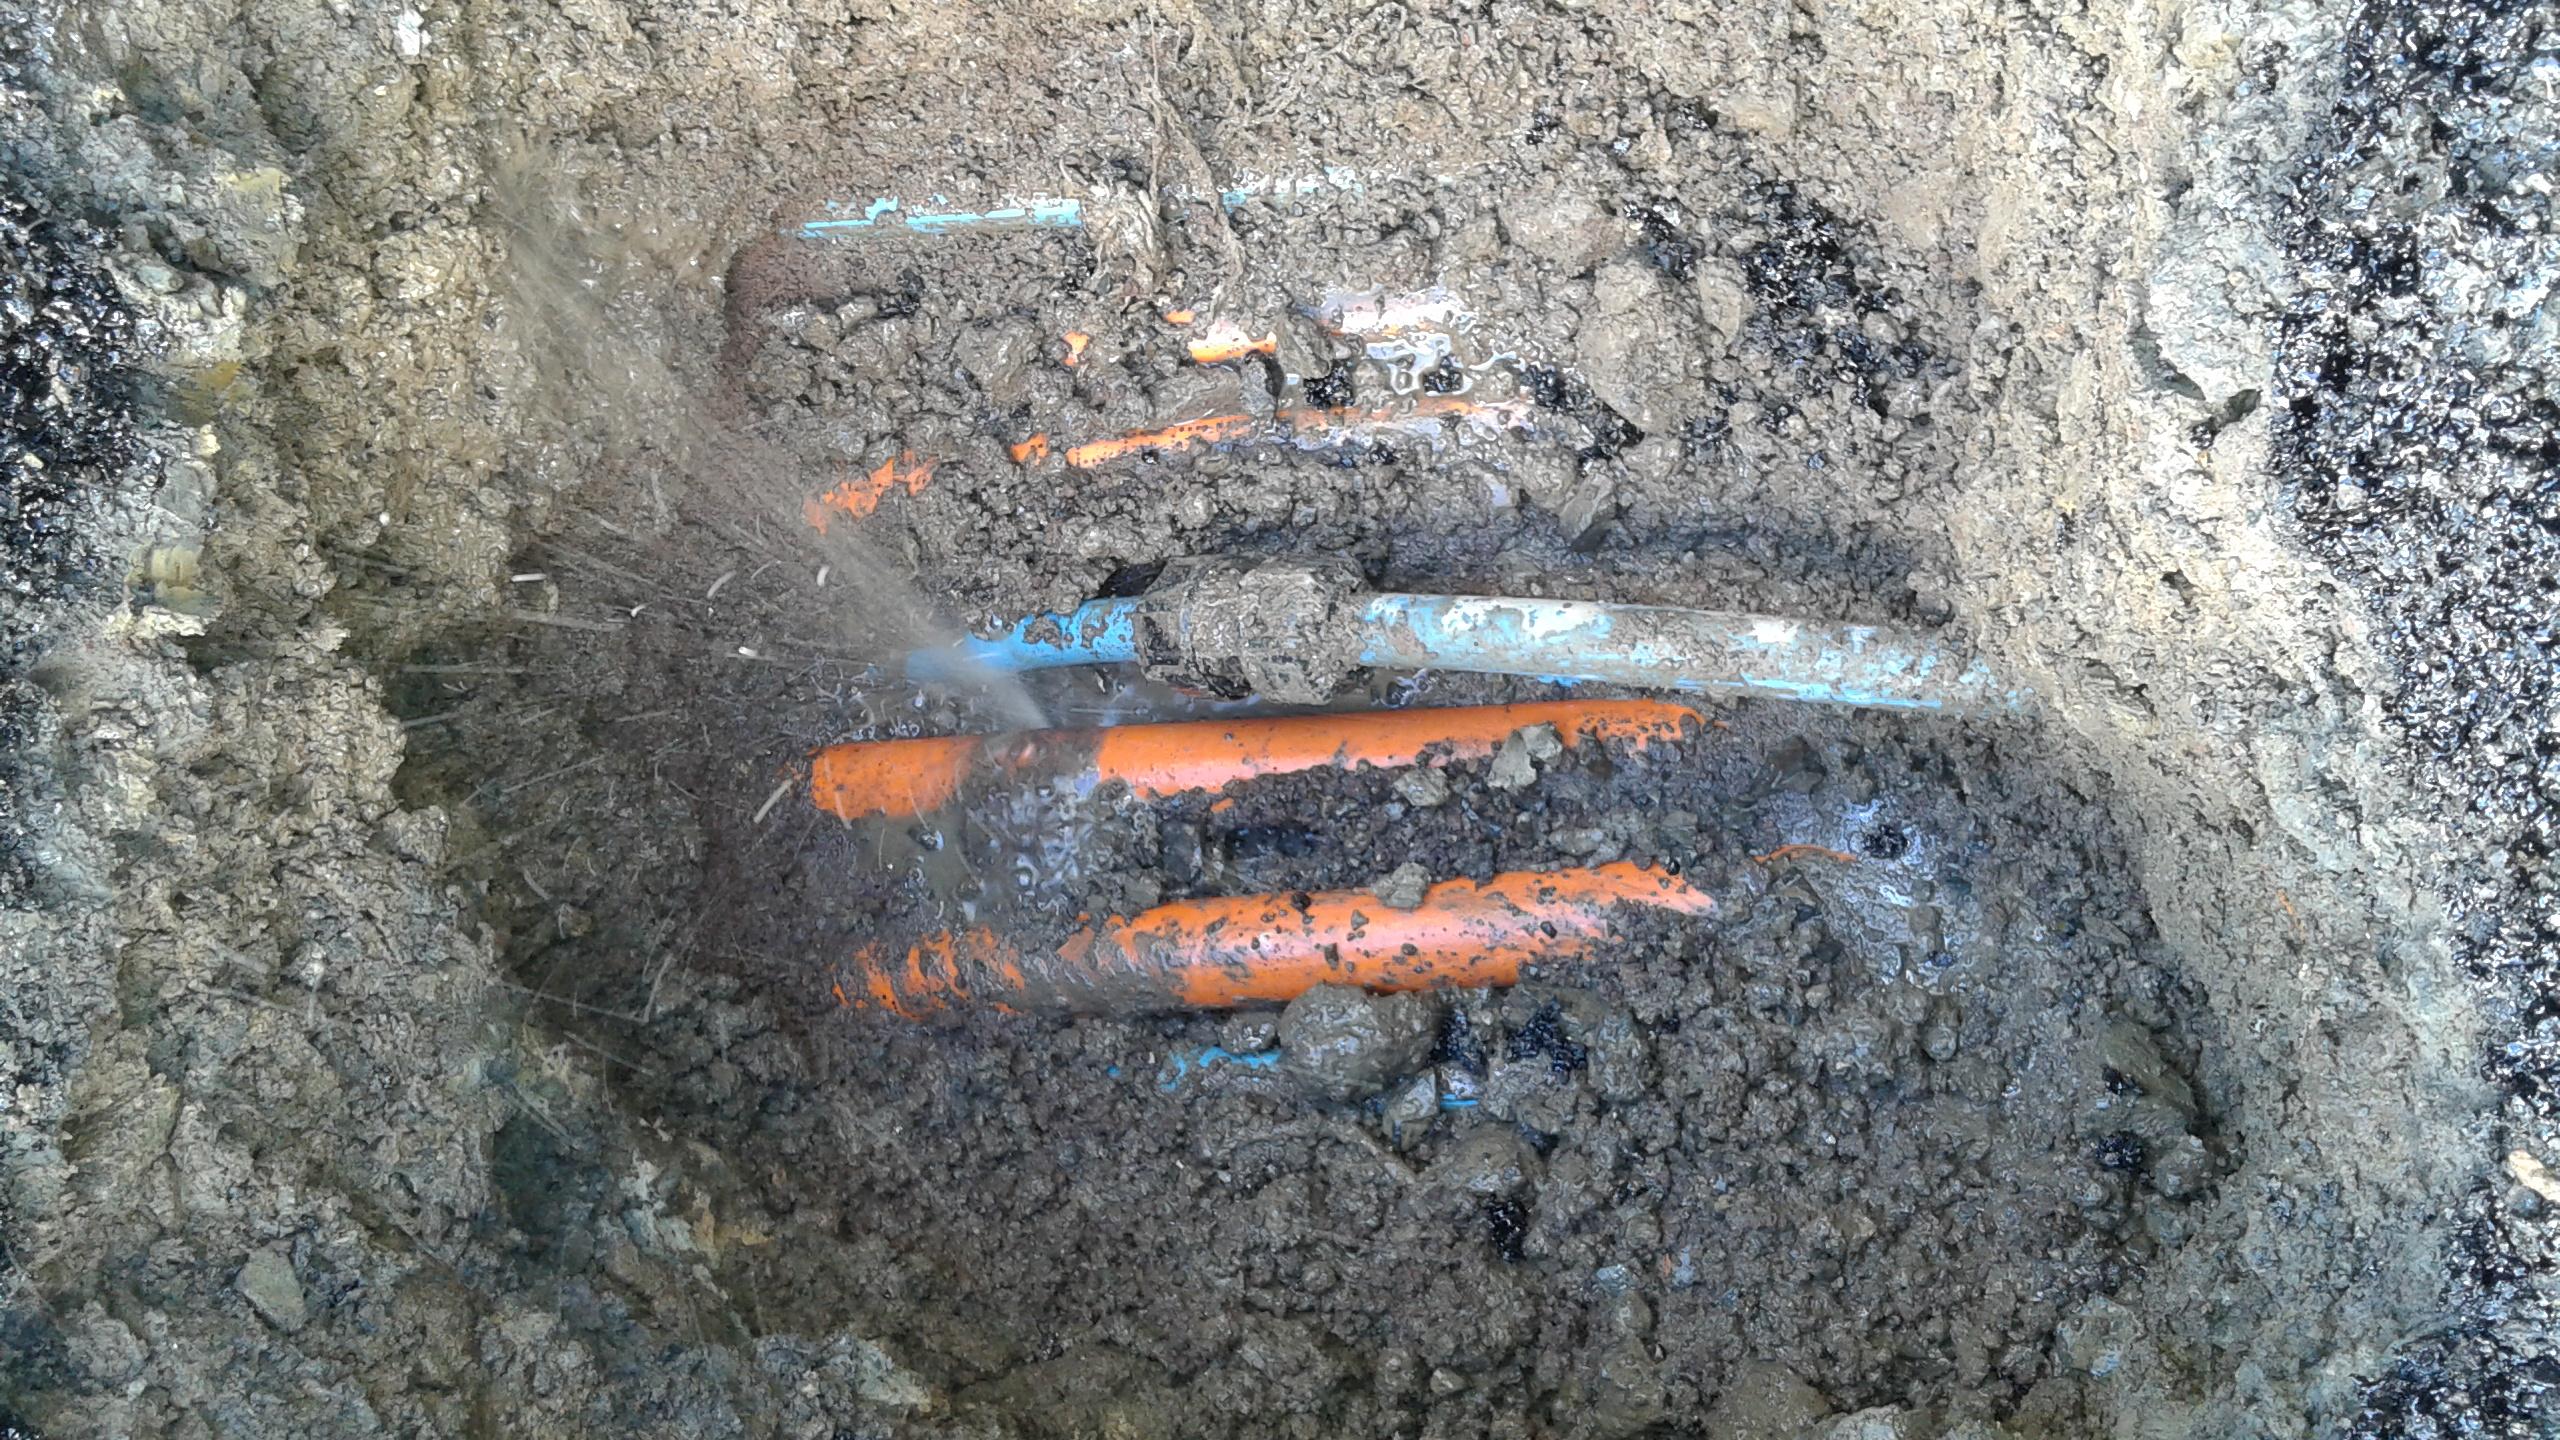 Leakage Water Bursting through pipes